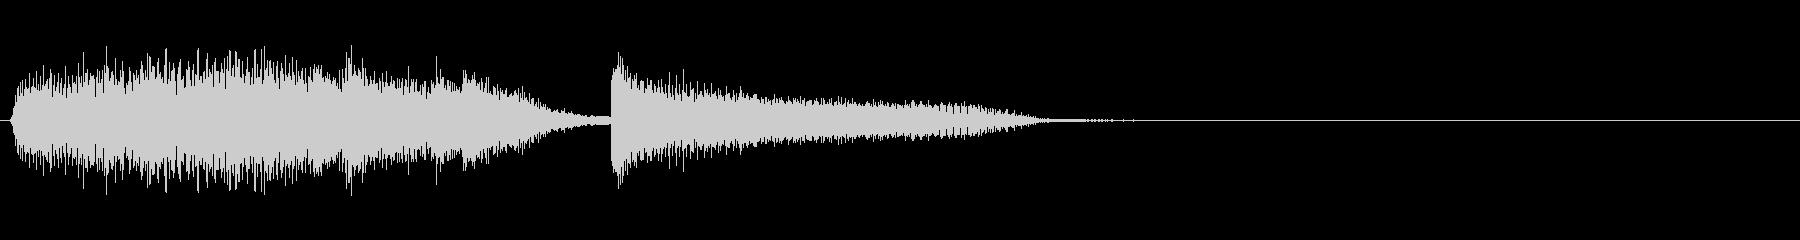 ピアノ・ED・アイキャッチ・場面転換の未再生の波形